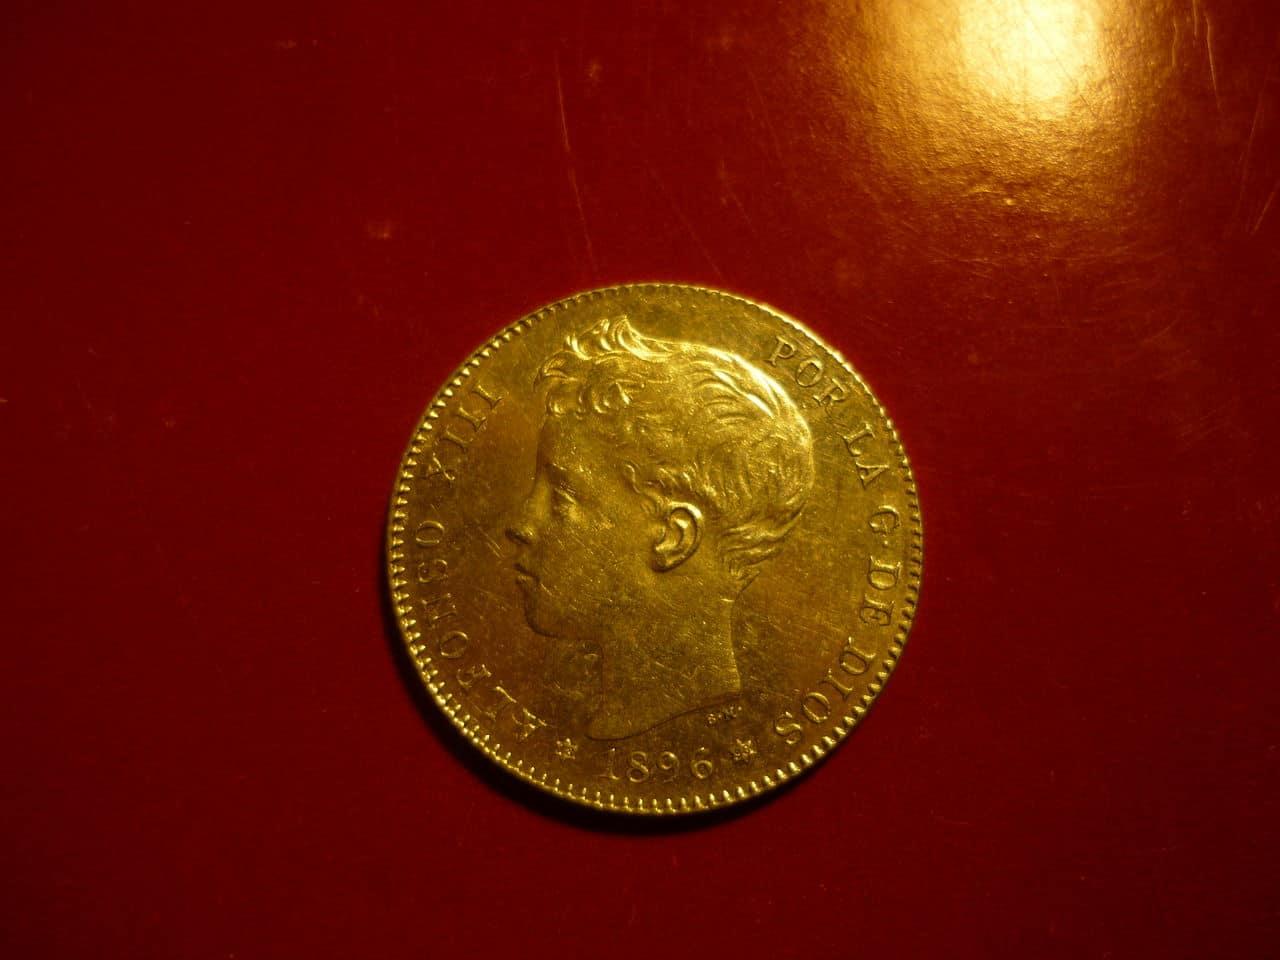 1 pta Alfonso XIII 1896 *18-96 PGV P1040227